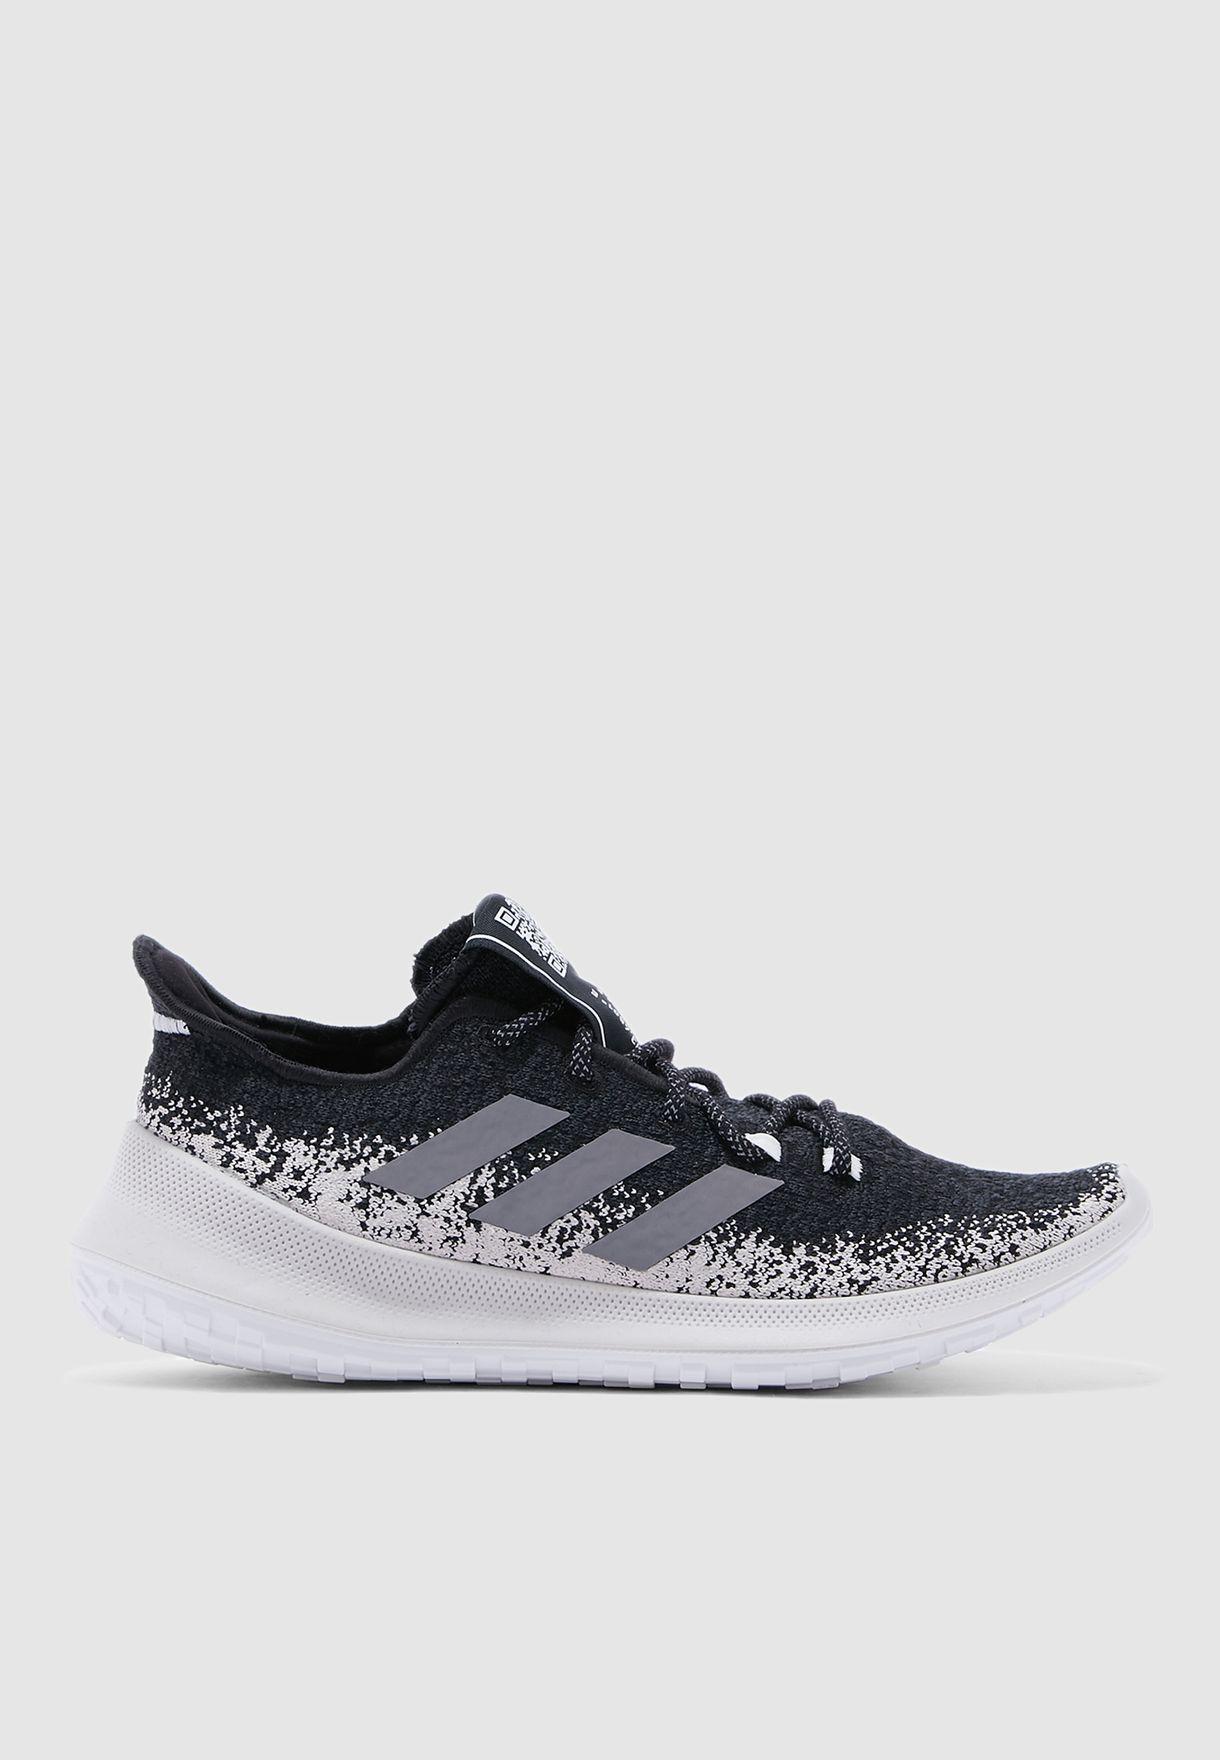 c4995aa34 تسوق حذاء سنس باونس ماركة اديداس لون أسود F36923 في السعودية ...